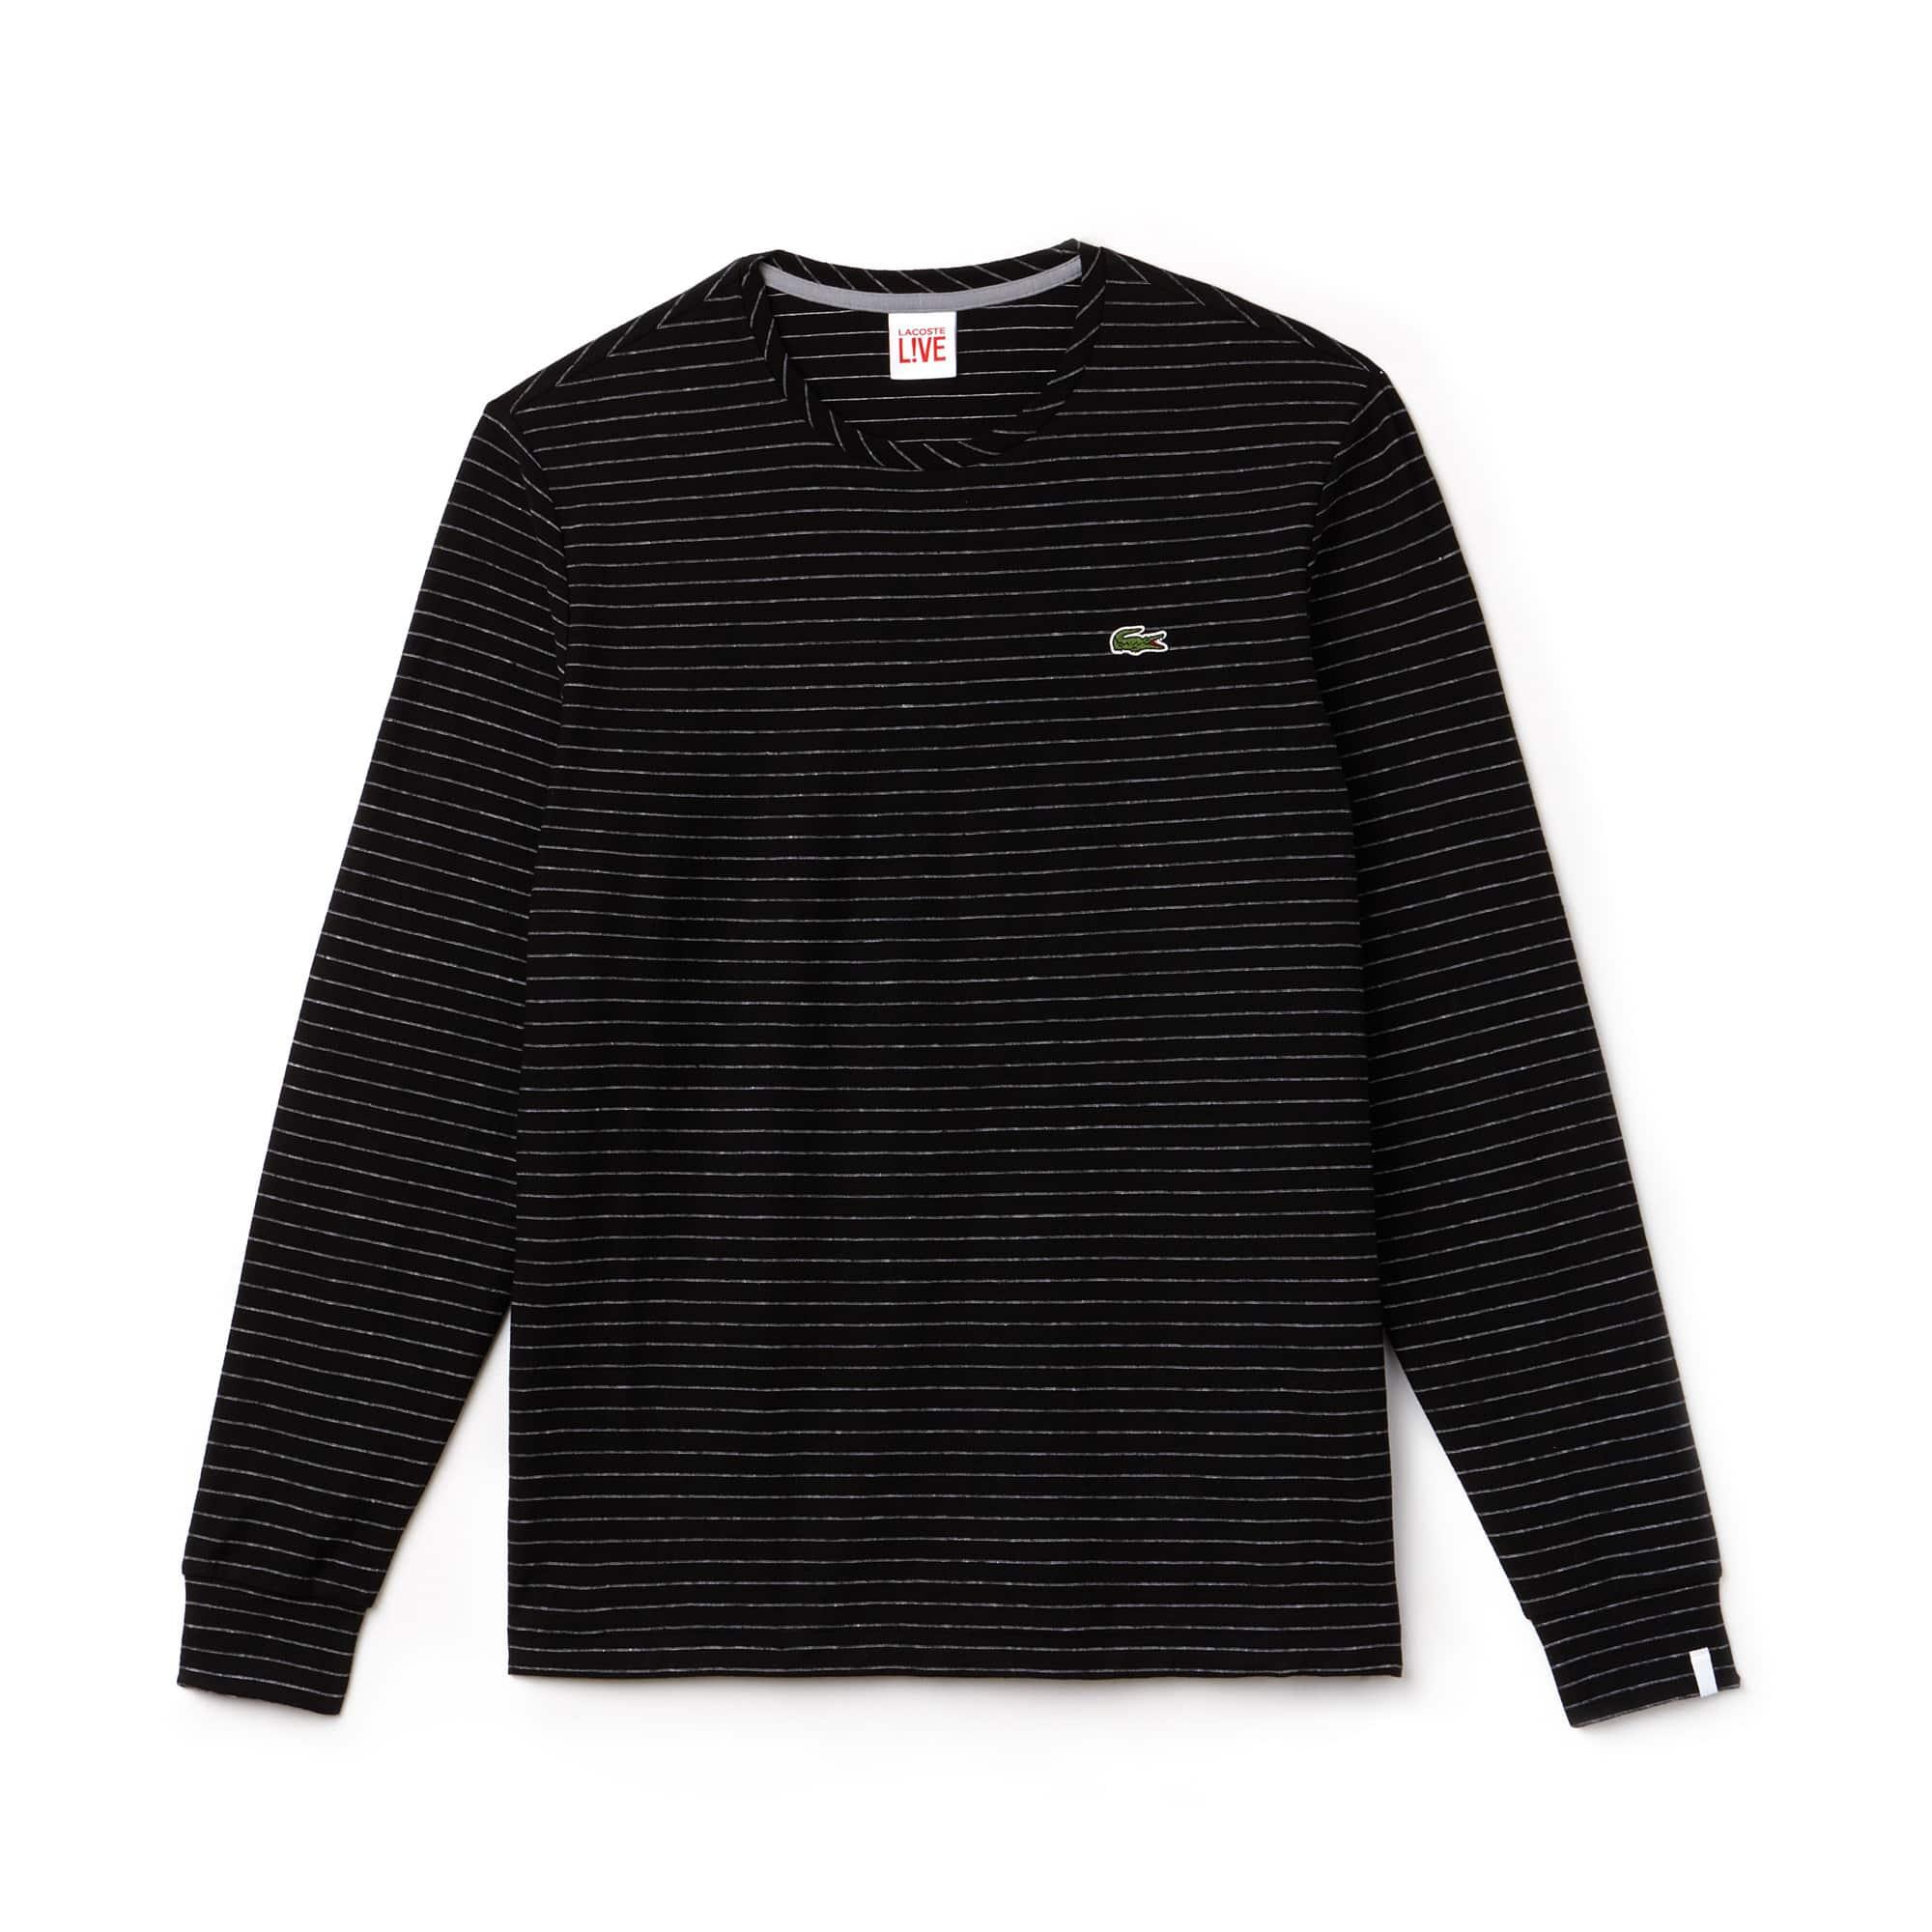 Lacoste LIVE-T-shirt heren gestreept katoen en linnenjersey